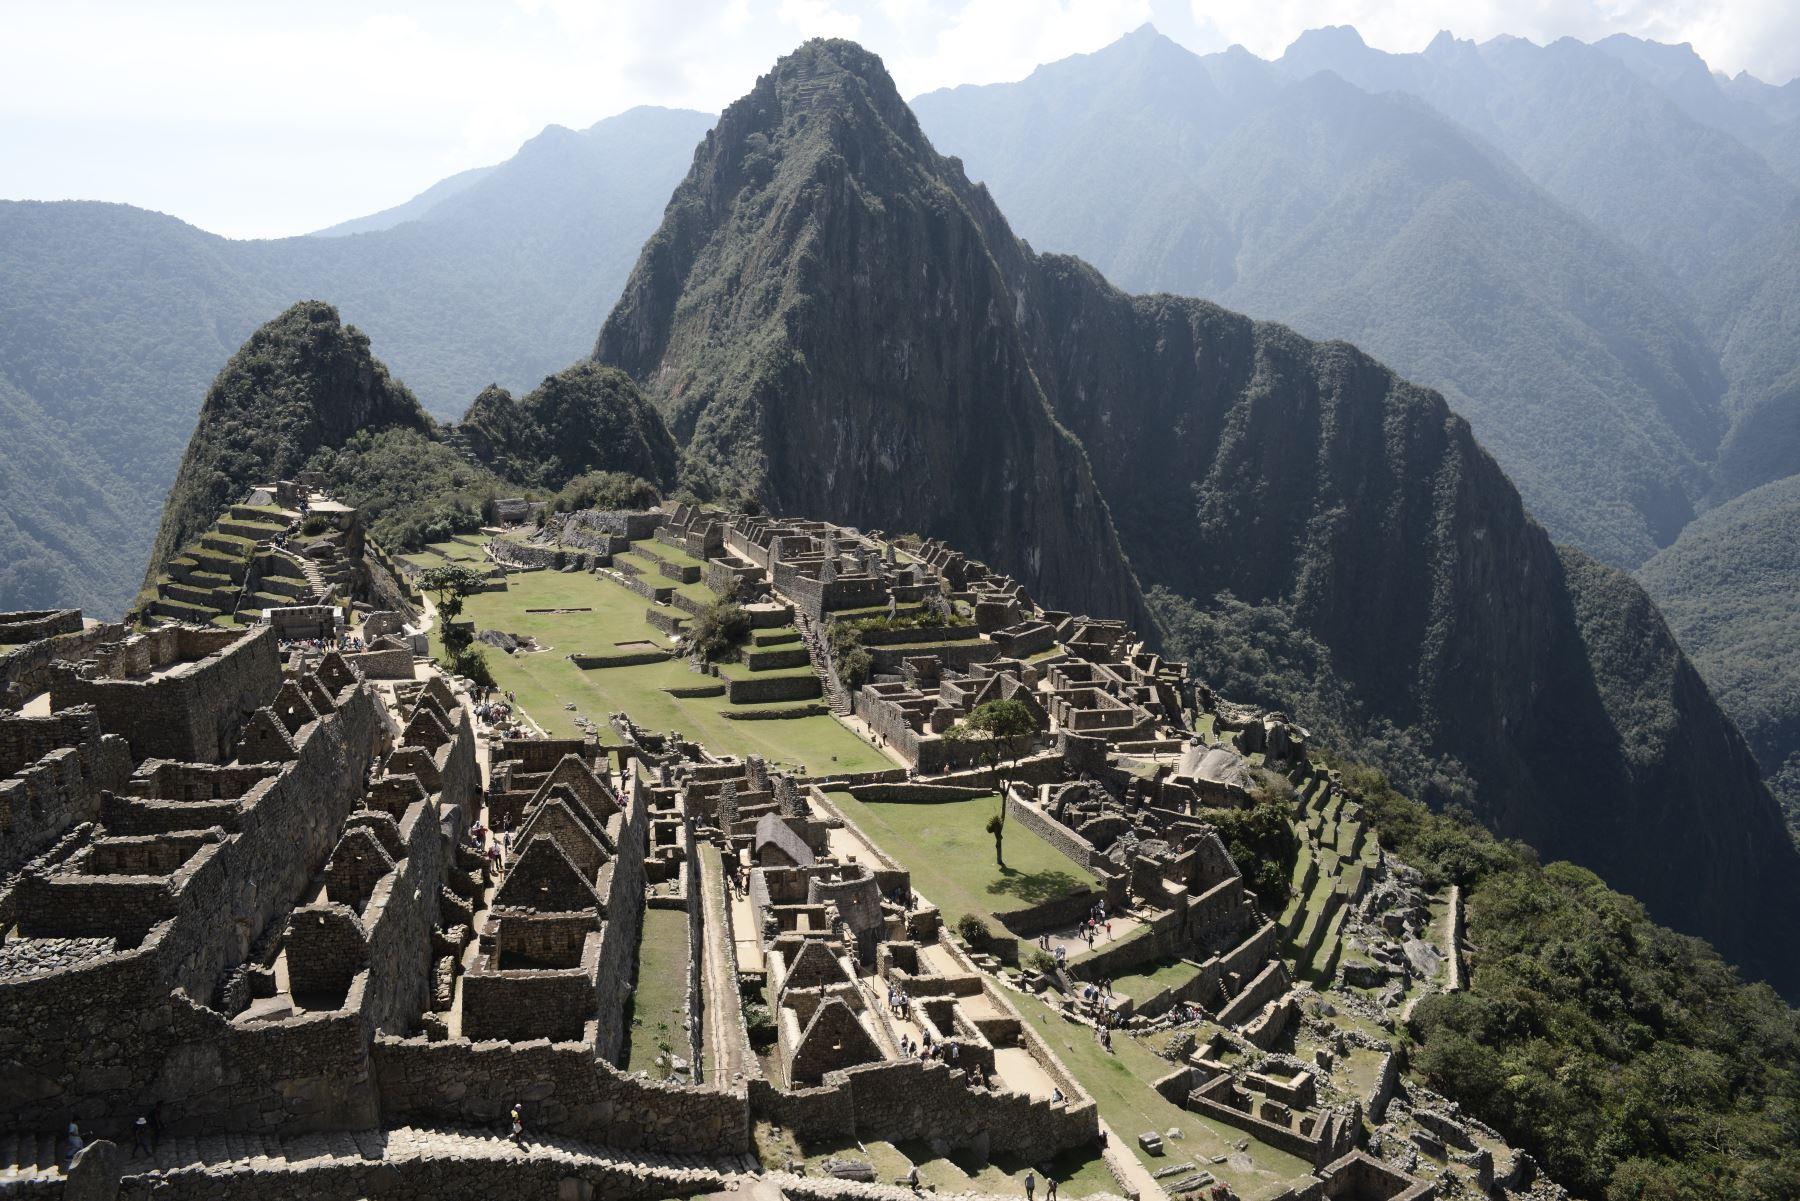 El Perú, y especialmente la región Cusco, celebran hoy el décimo tercer aniversario de la elección de la ciudadela inca de Machu Picchu como una de las siete nuevas maravillas del mundo moderno. Una conmemoración que reviste especial interés mientras se aguarda con gran expectativa el próximo reinicio de las visitas al principal atractivo turístico del país. ANDINA/Archivo